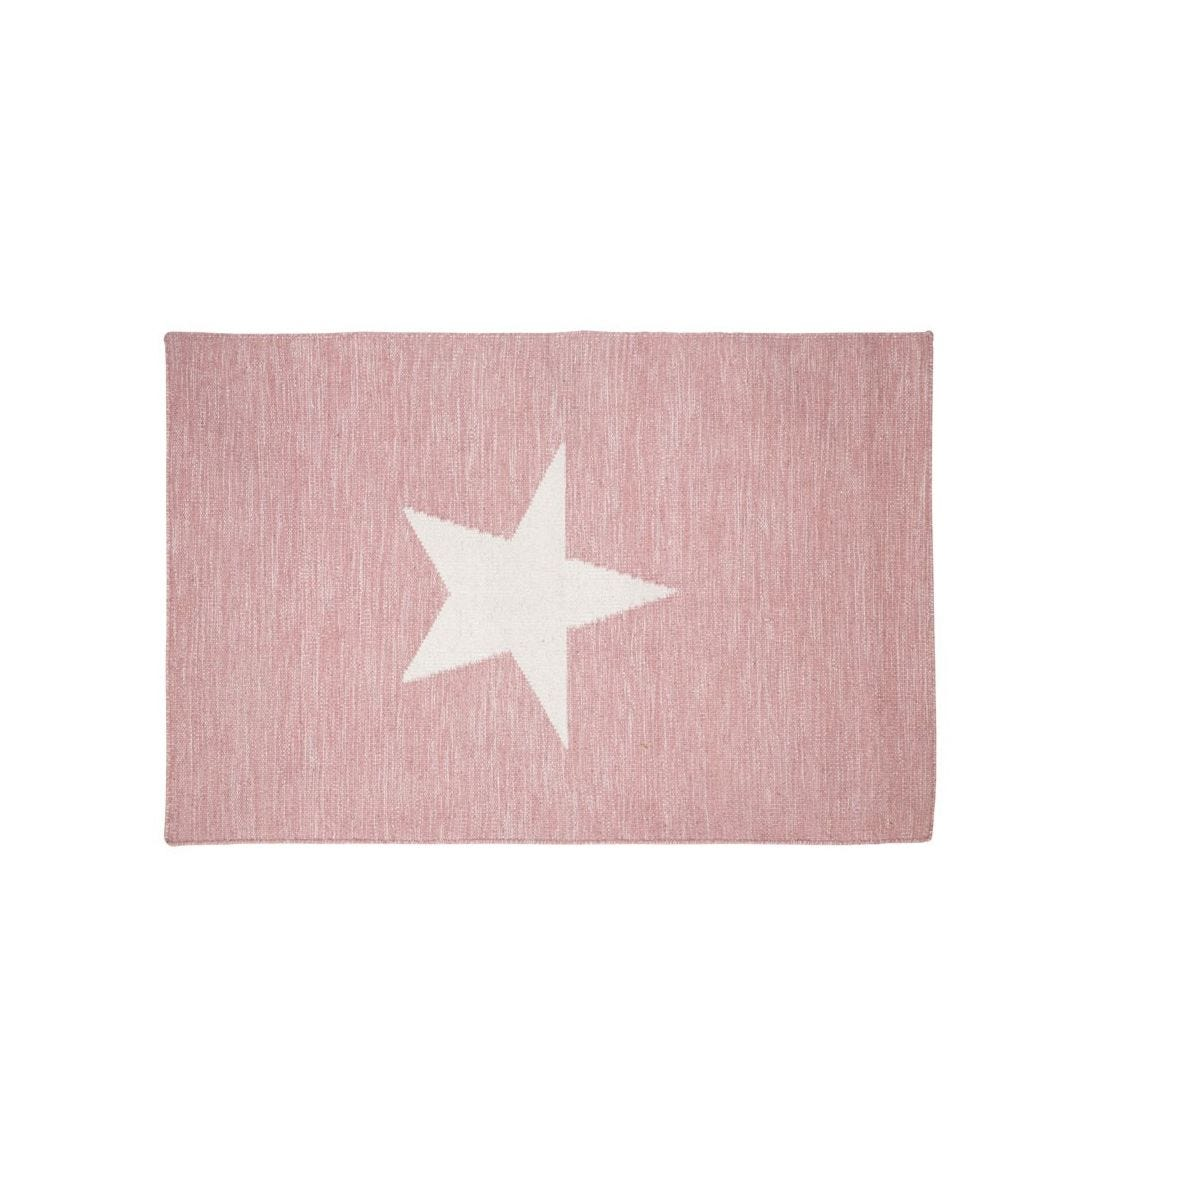 Premier Housewares Star Rug - Pink